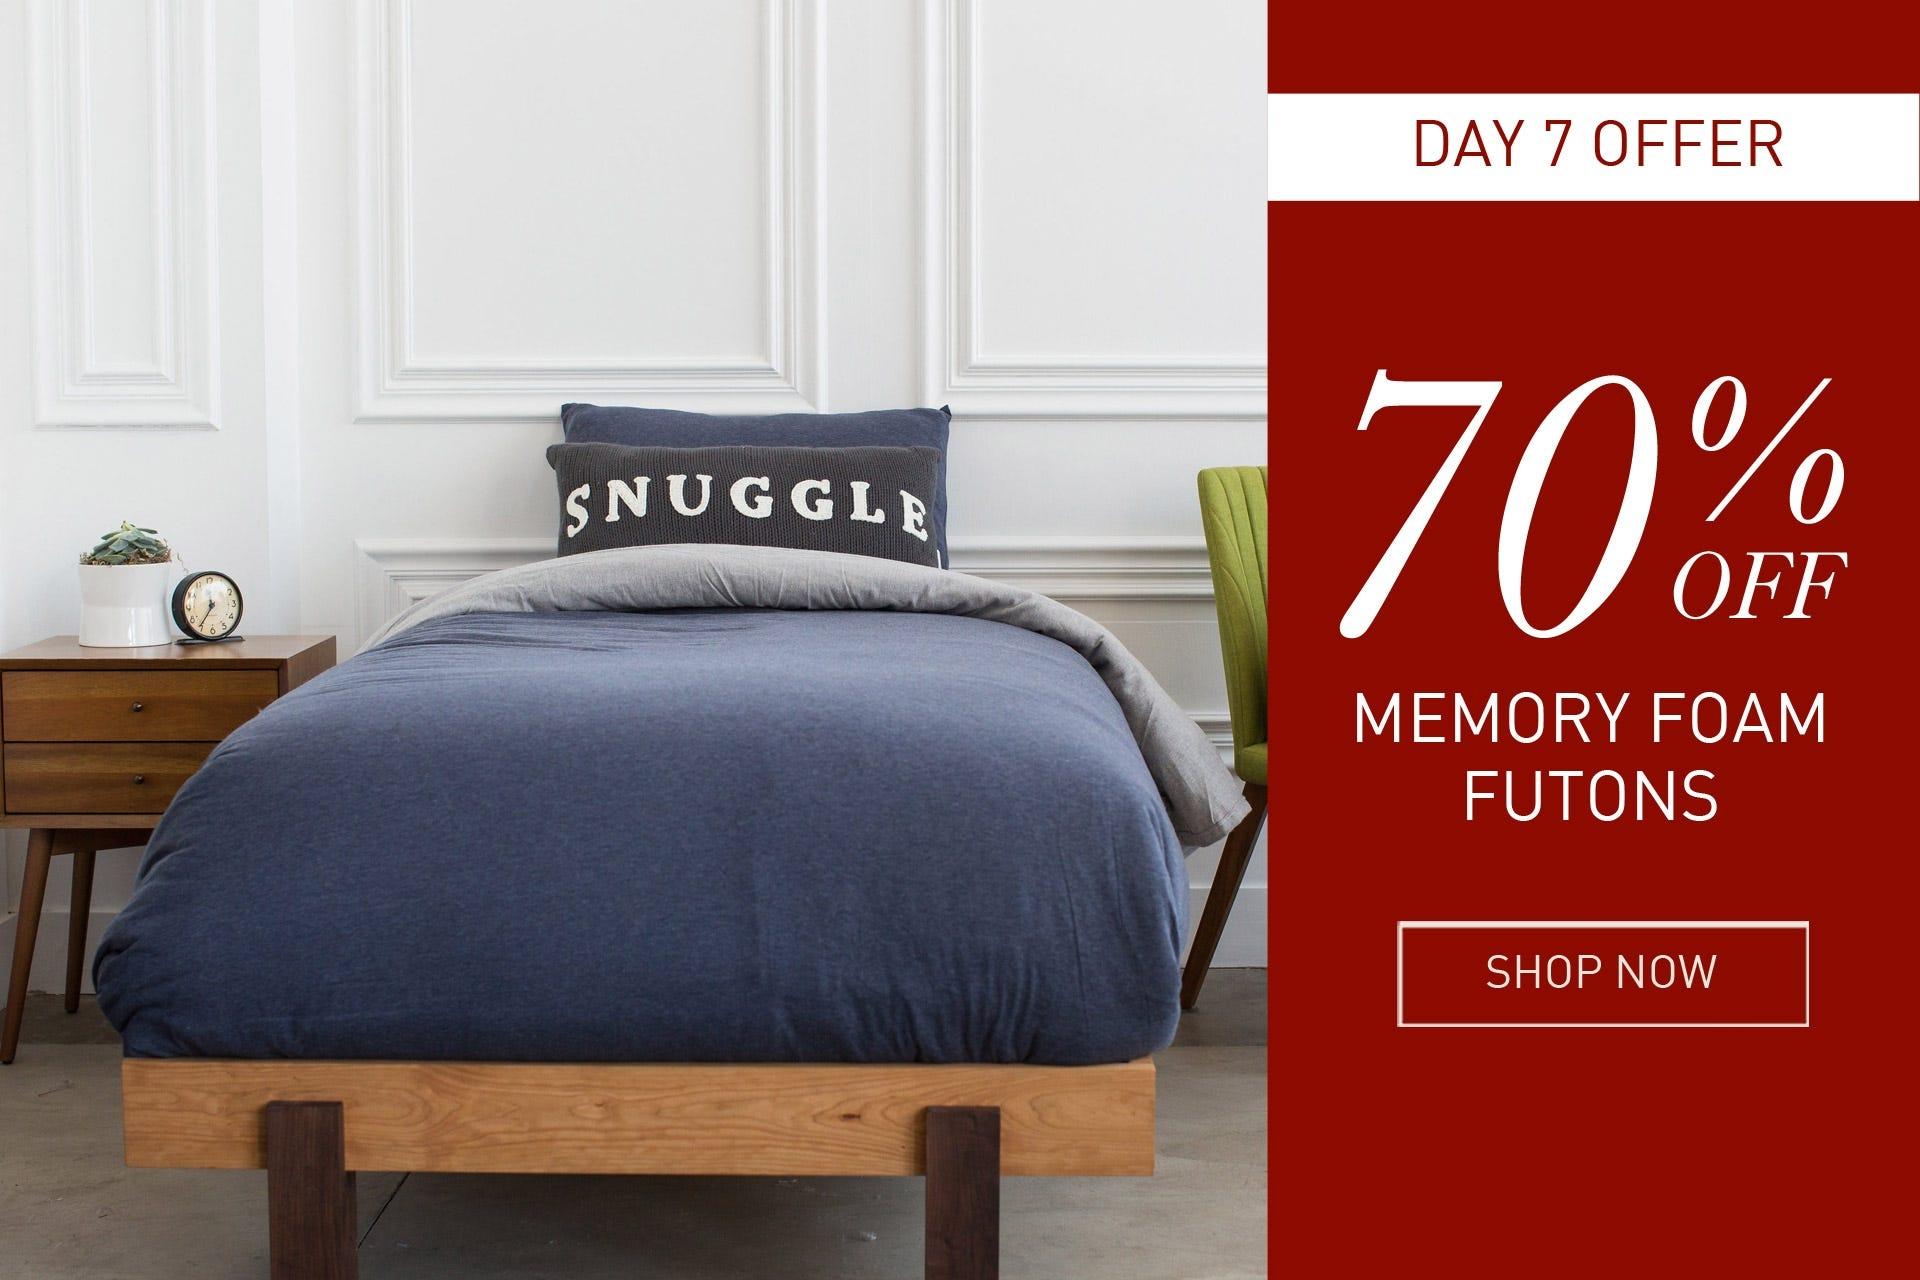 memory foam futons